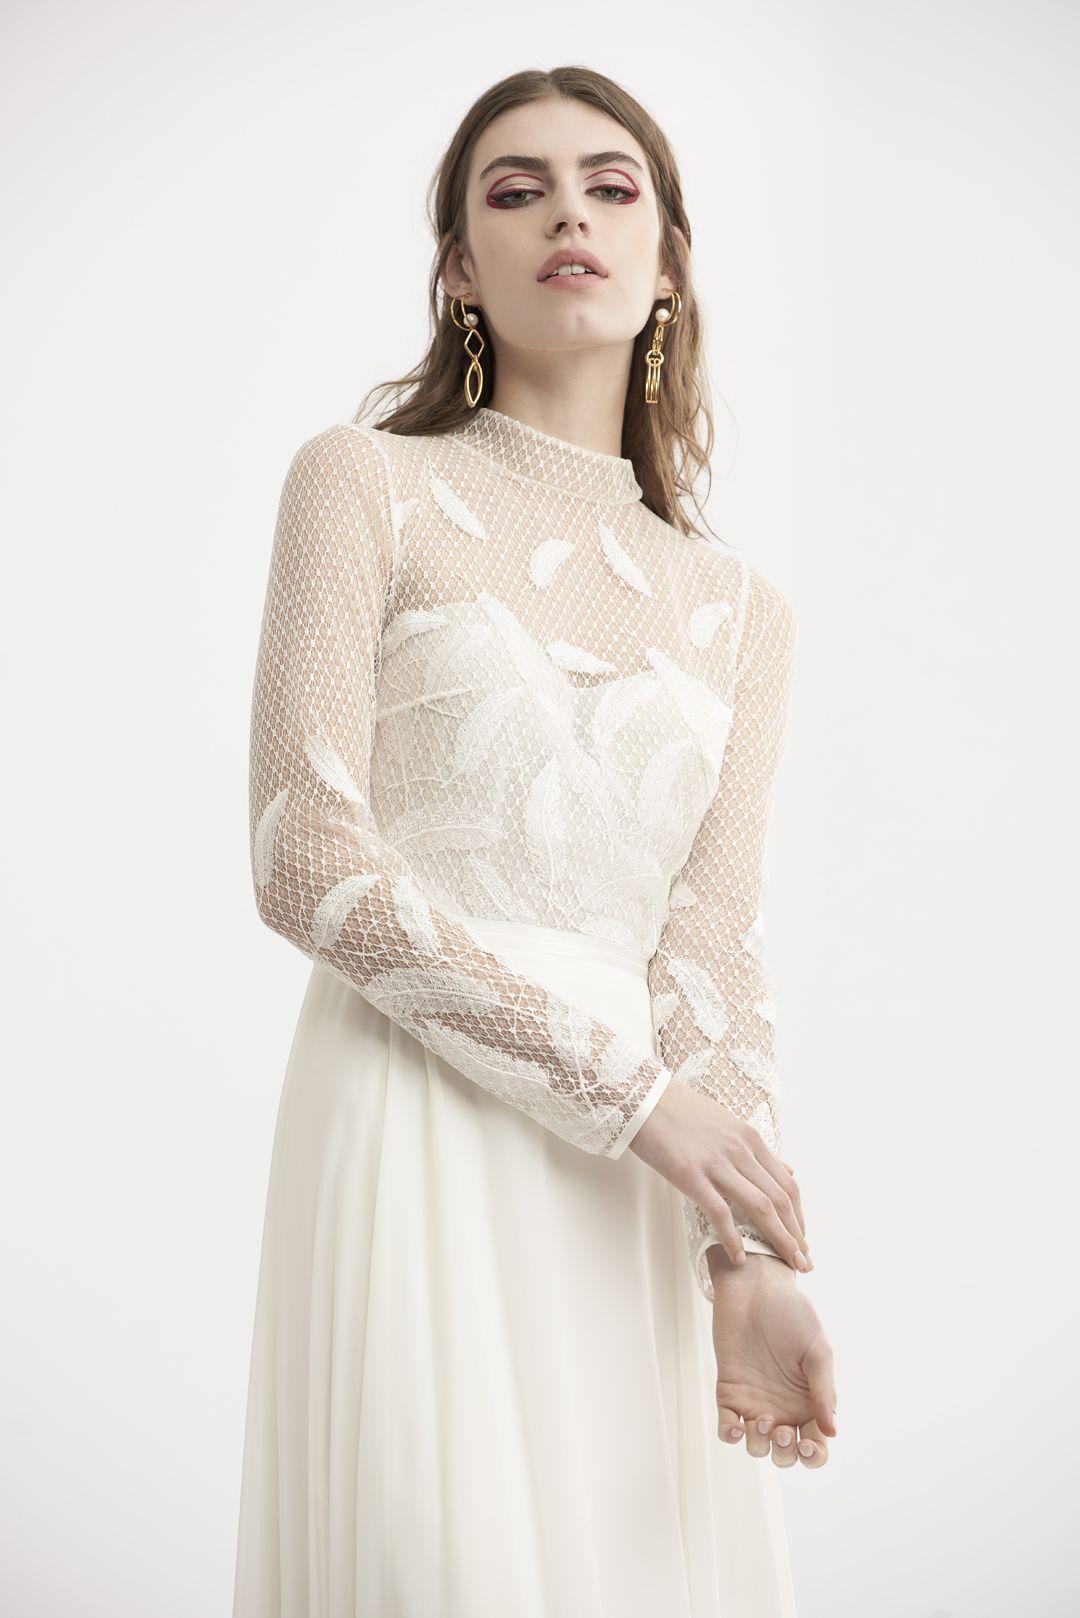 designer fashion 02869 6ddf6 Lookbook-Rembo-Styling-2019-Sweet-Sugar-Pie-1-hr ...